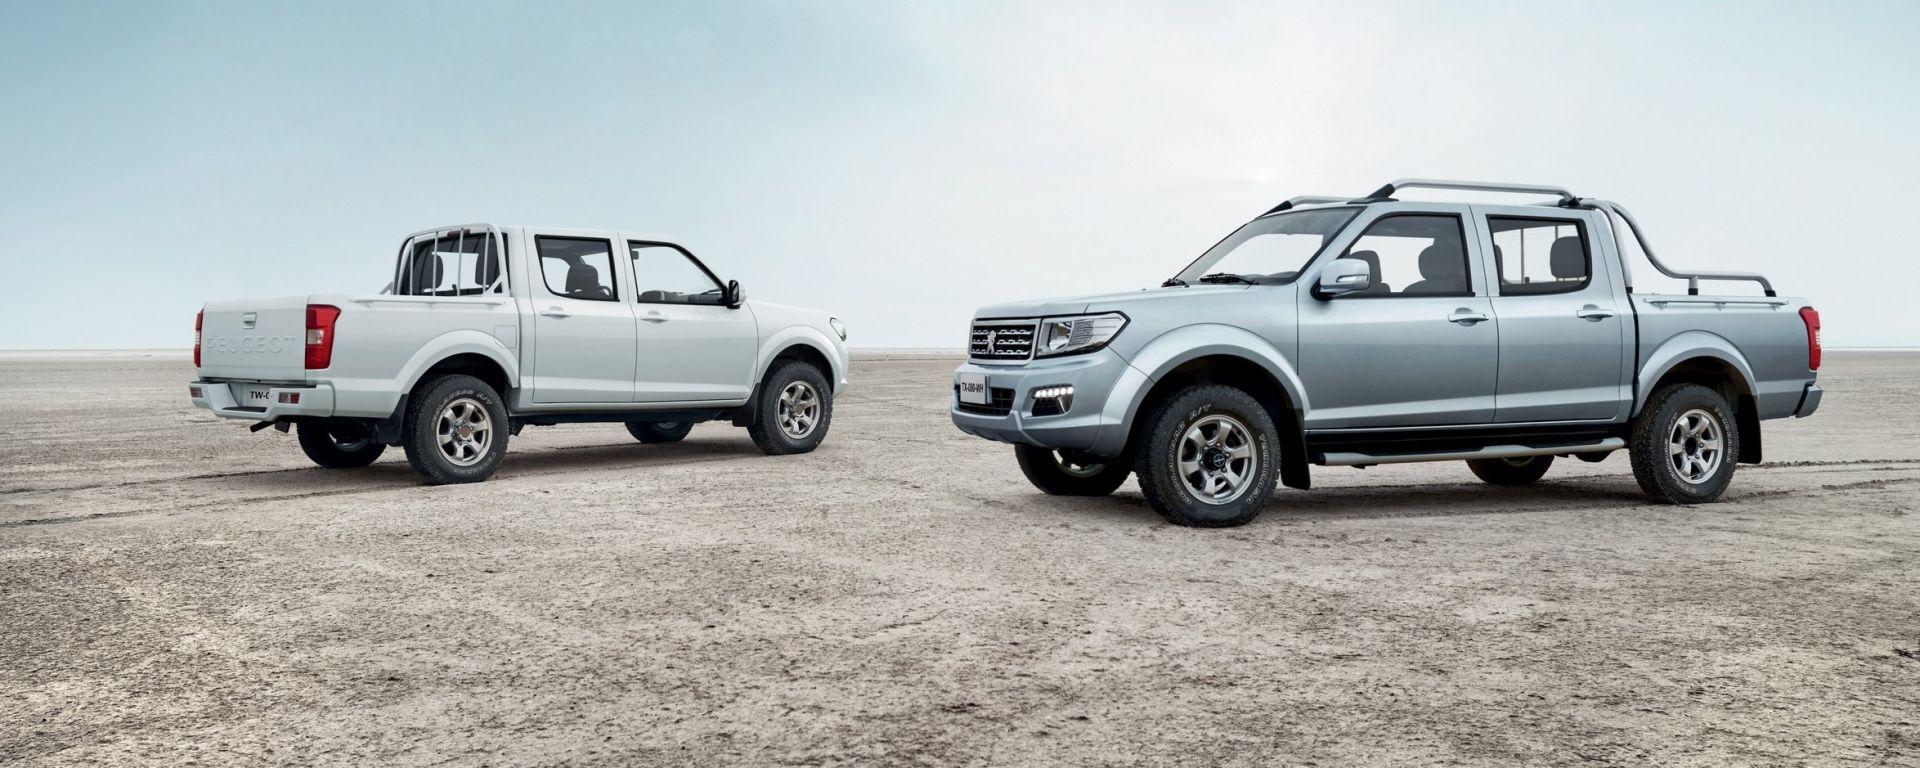 Peugeot Pick Up: nuovo arrivato tra i pick-up compatti del Leone